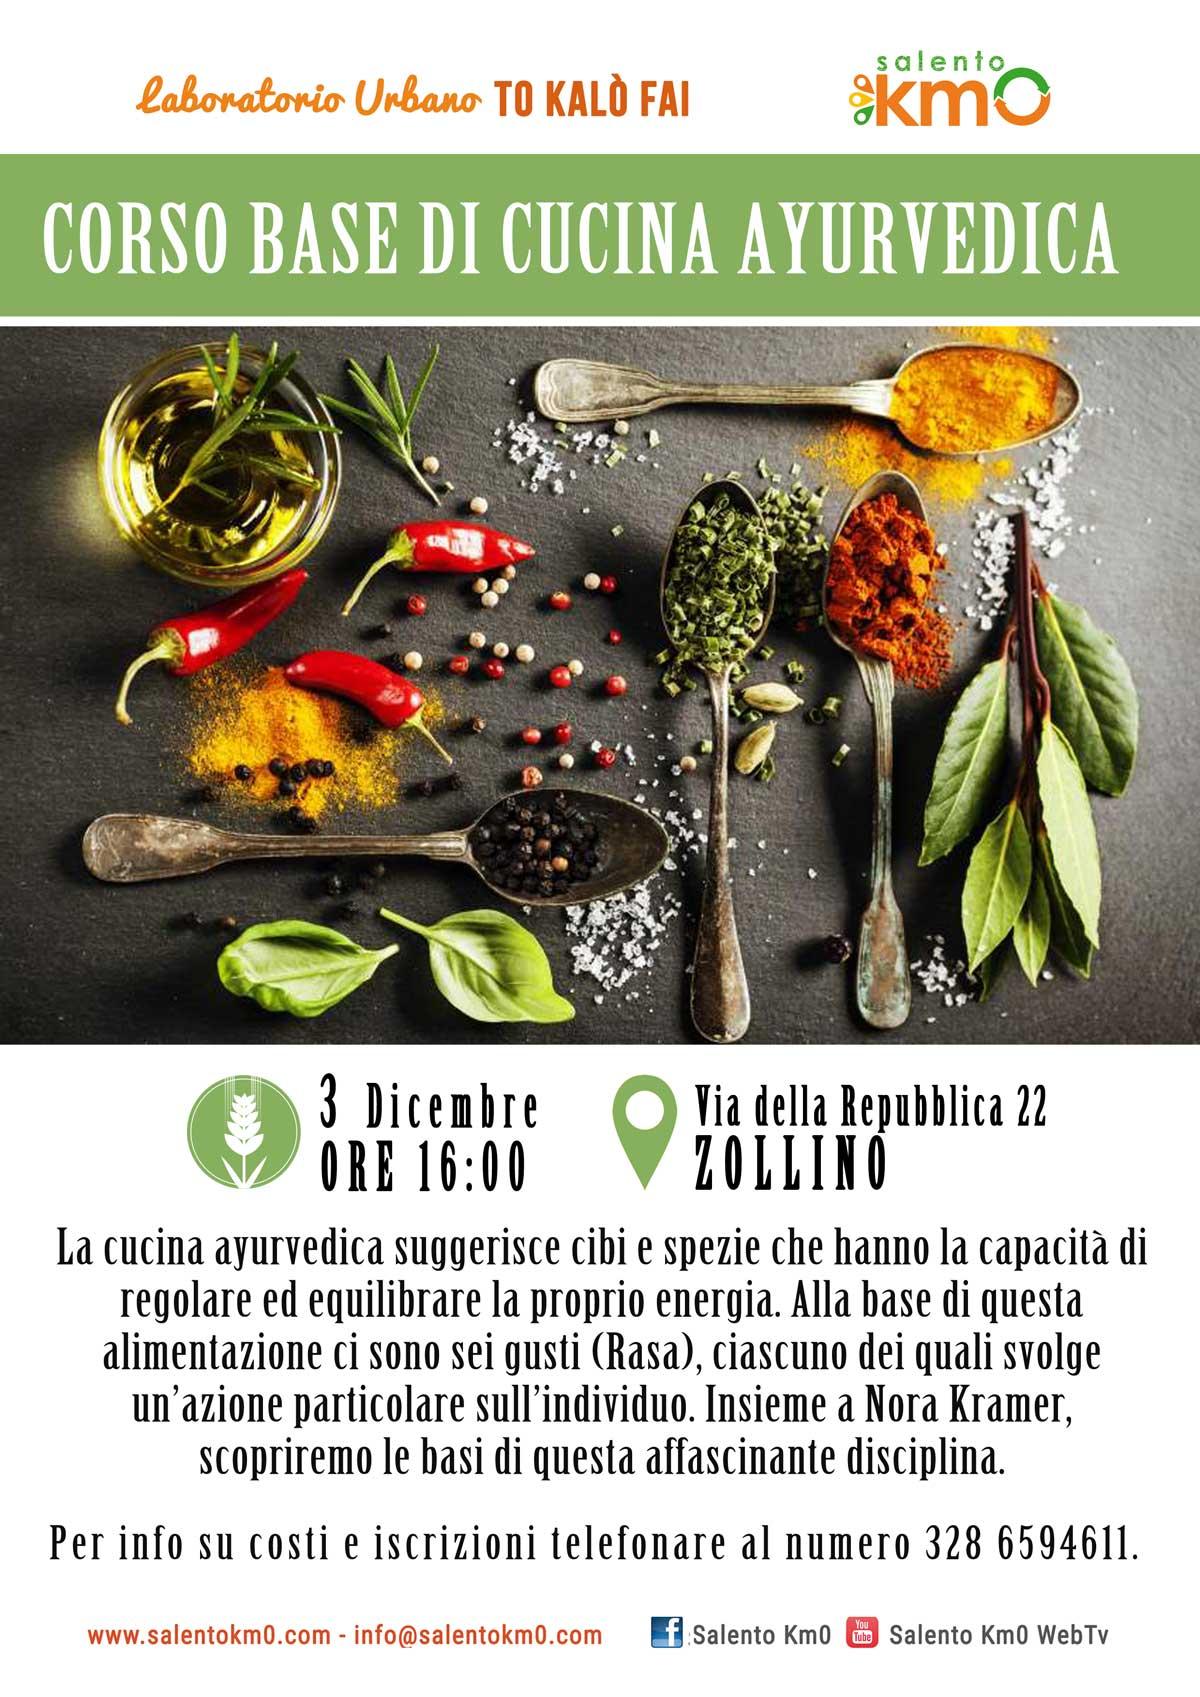 corso base di cucina ayurvedica | salento km0 - Corso Base Di Cucina